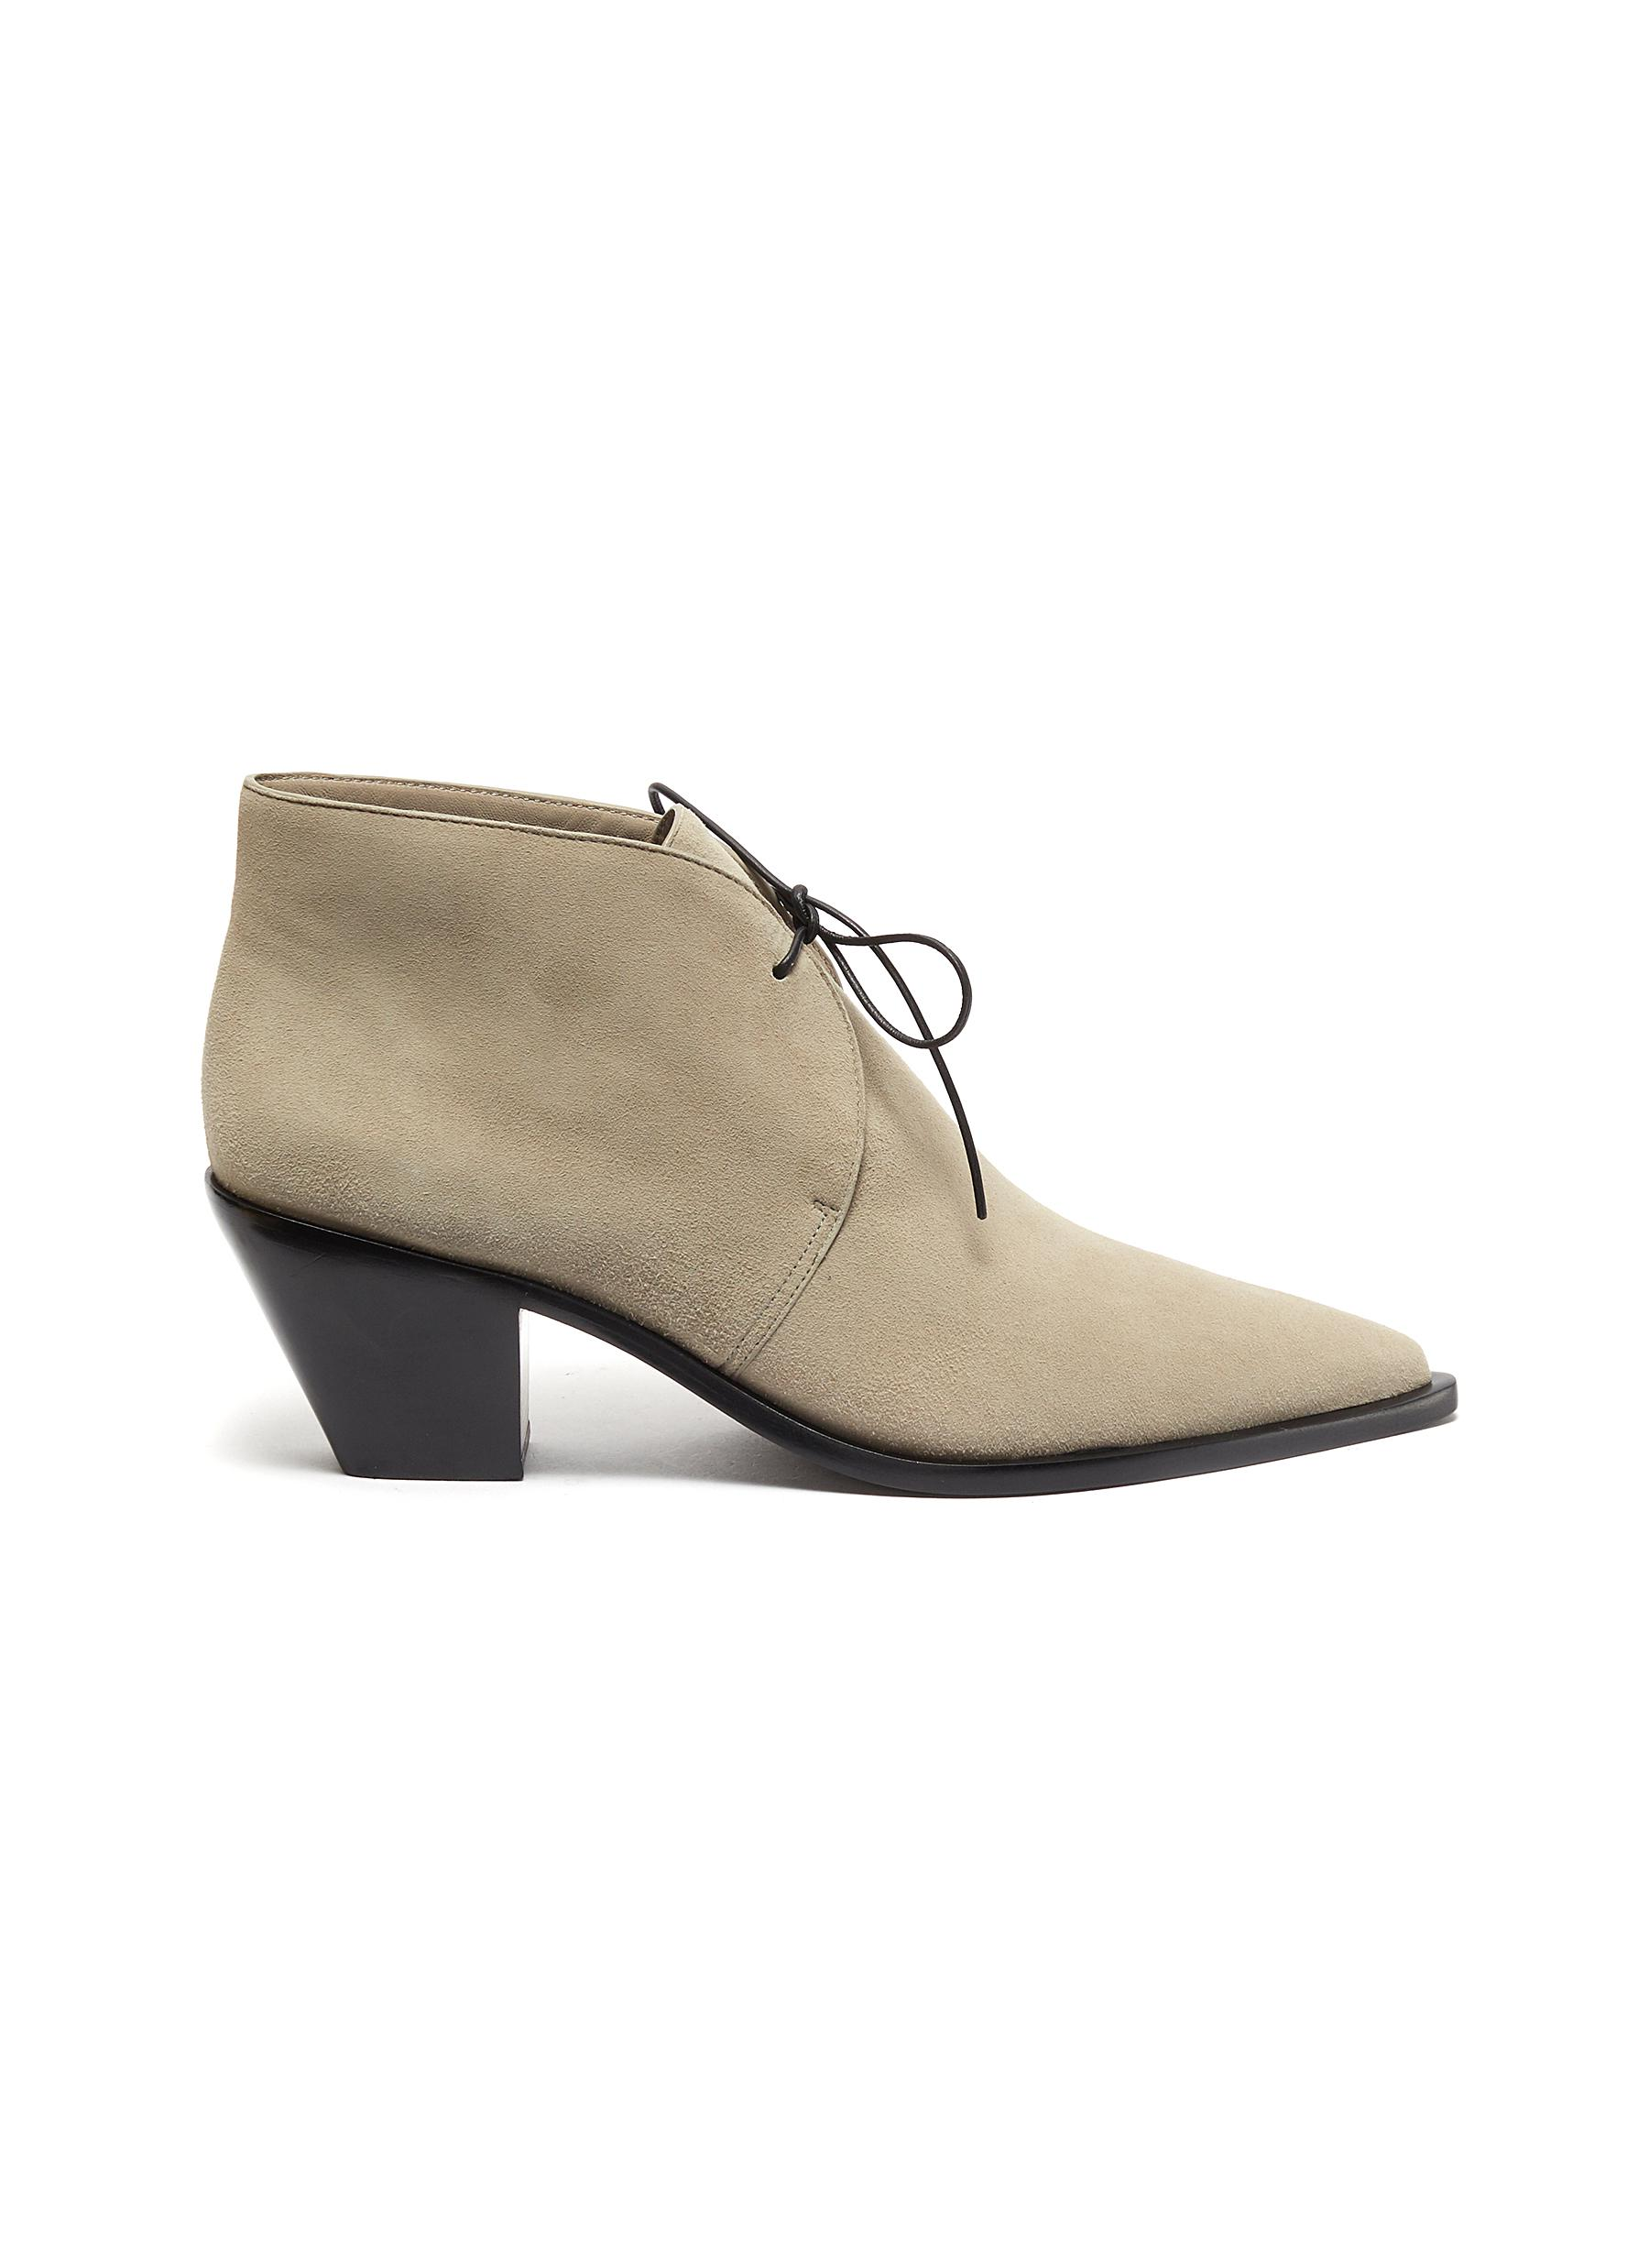 Mercedes Castillo Boots Karington suede ankle boots